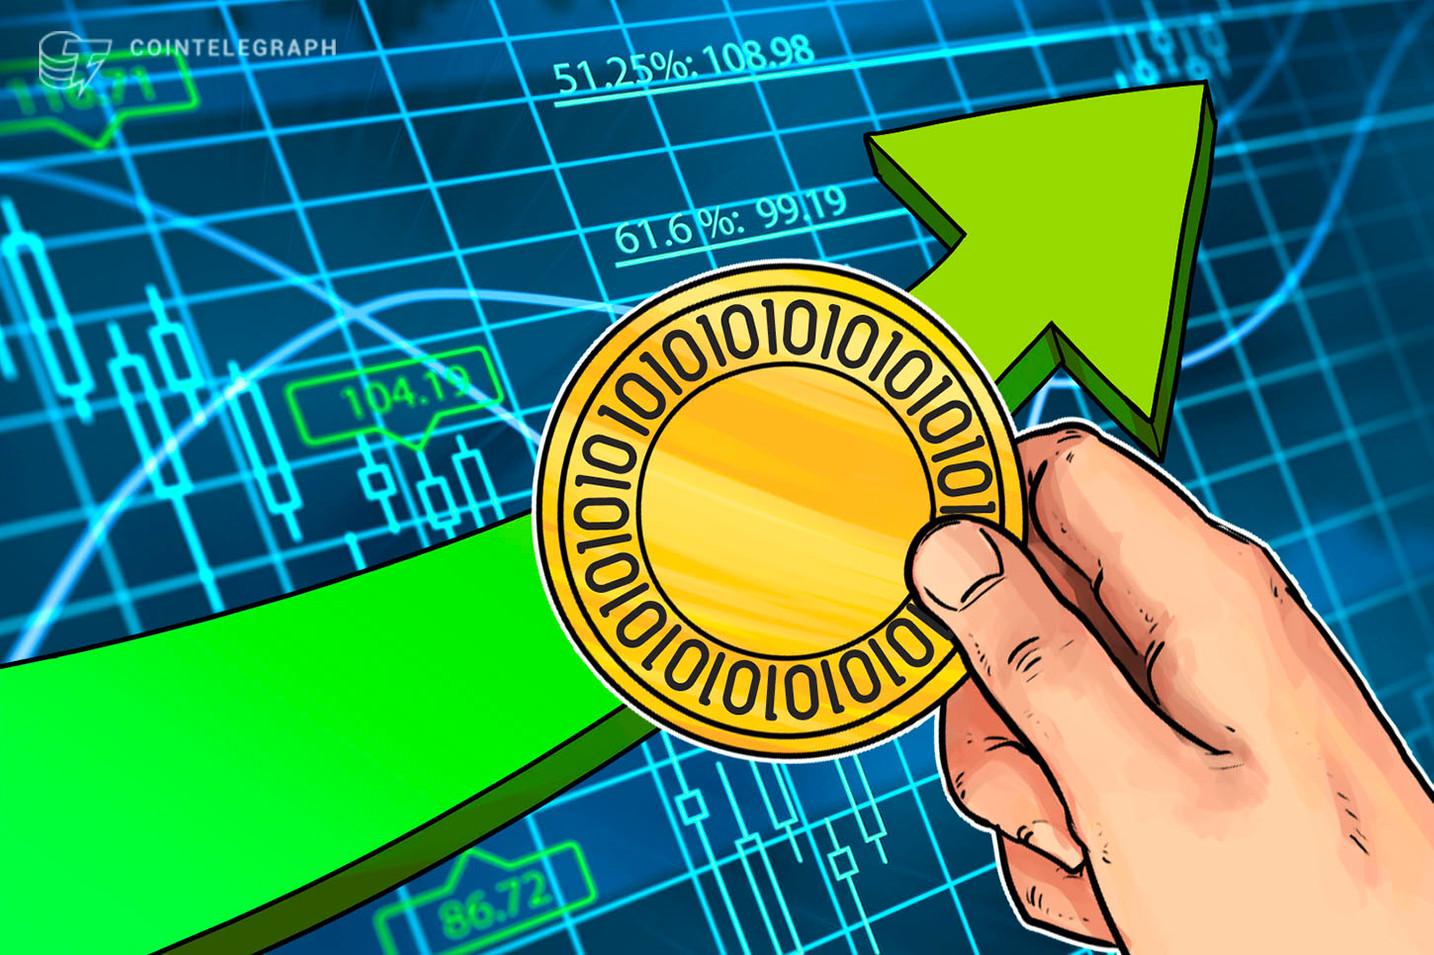 Nach Kurssprung gestern: Kryptomärkte wachsen weiterhin